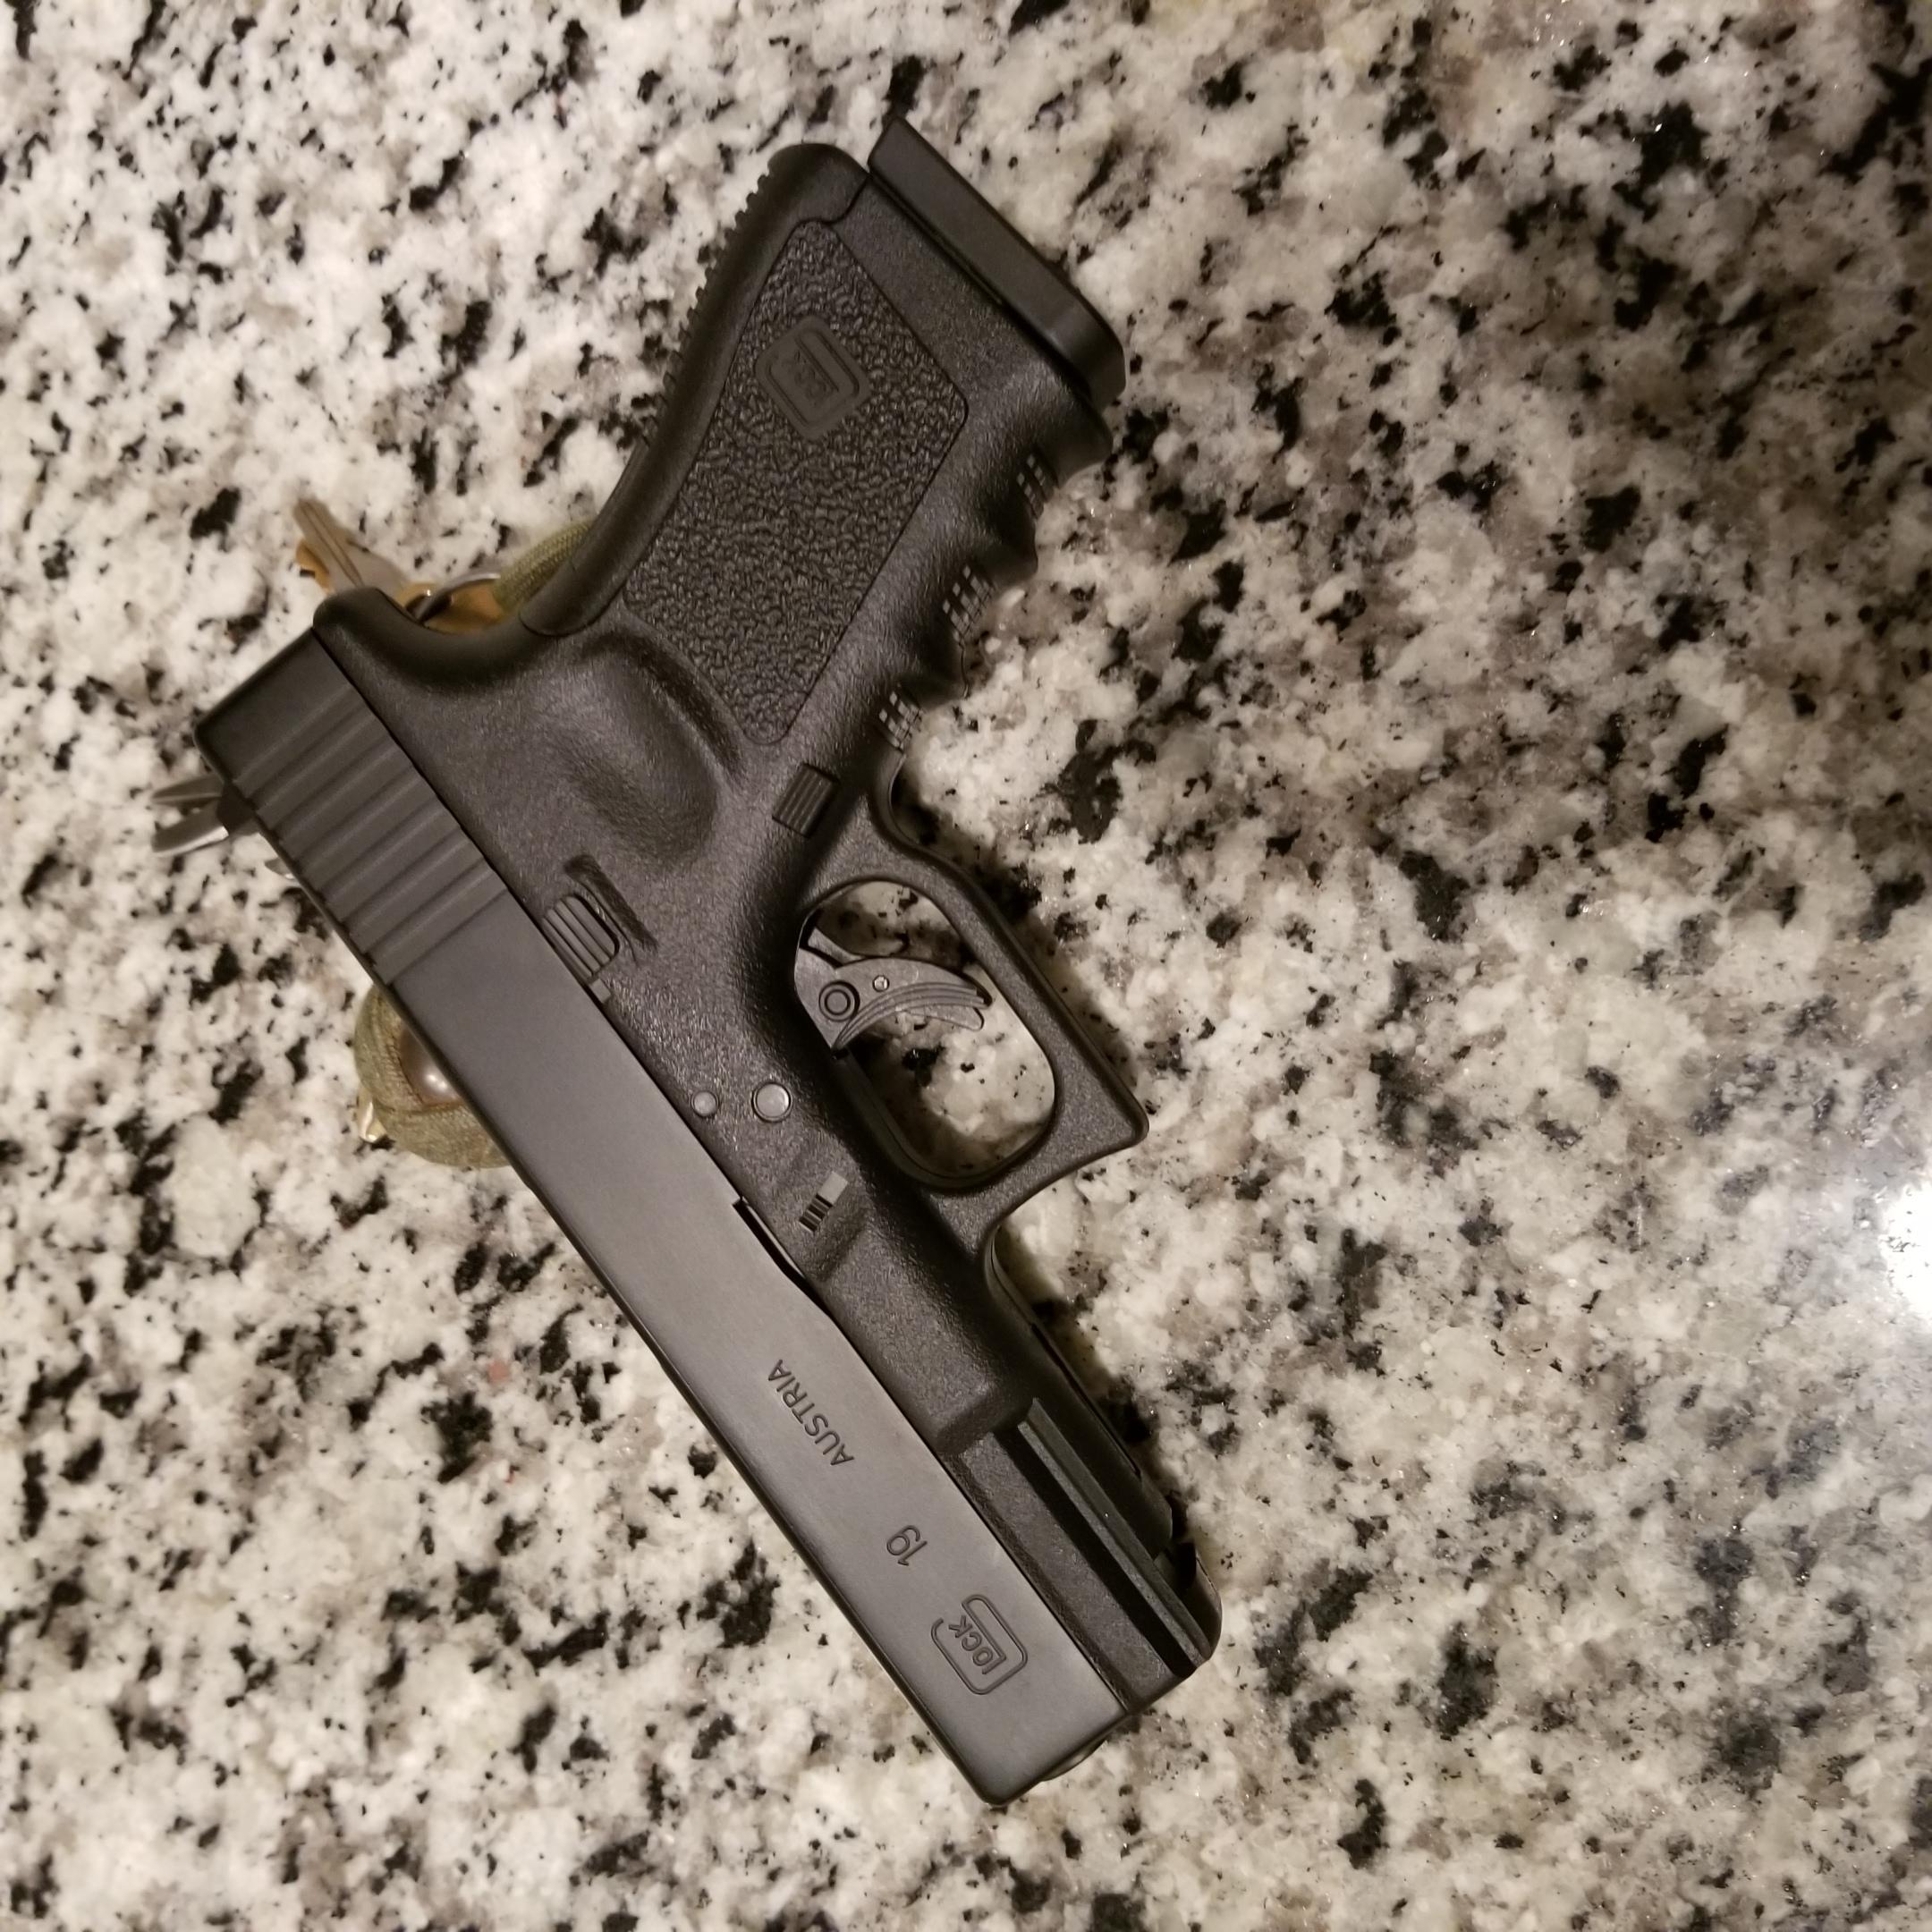 Glock 19 Gen3 BB pistol arrived-glock.jpg